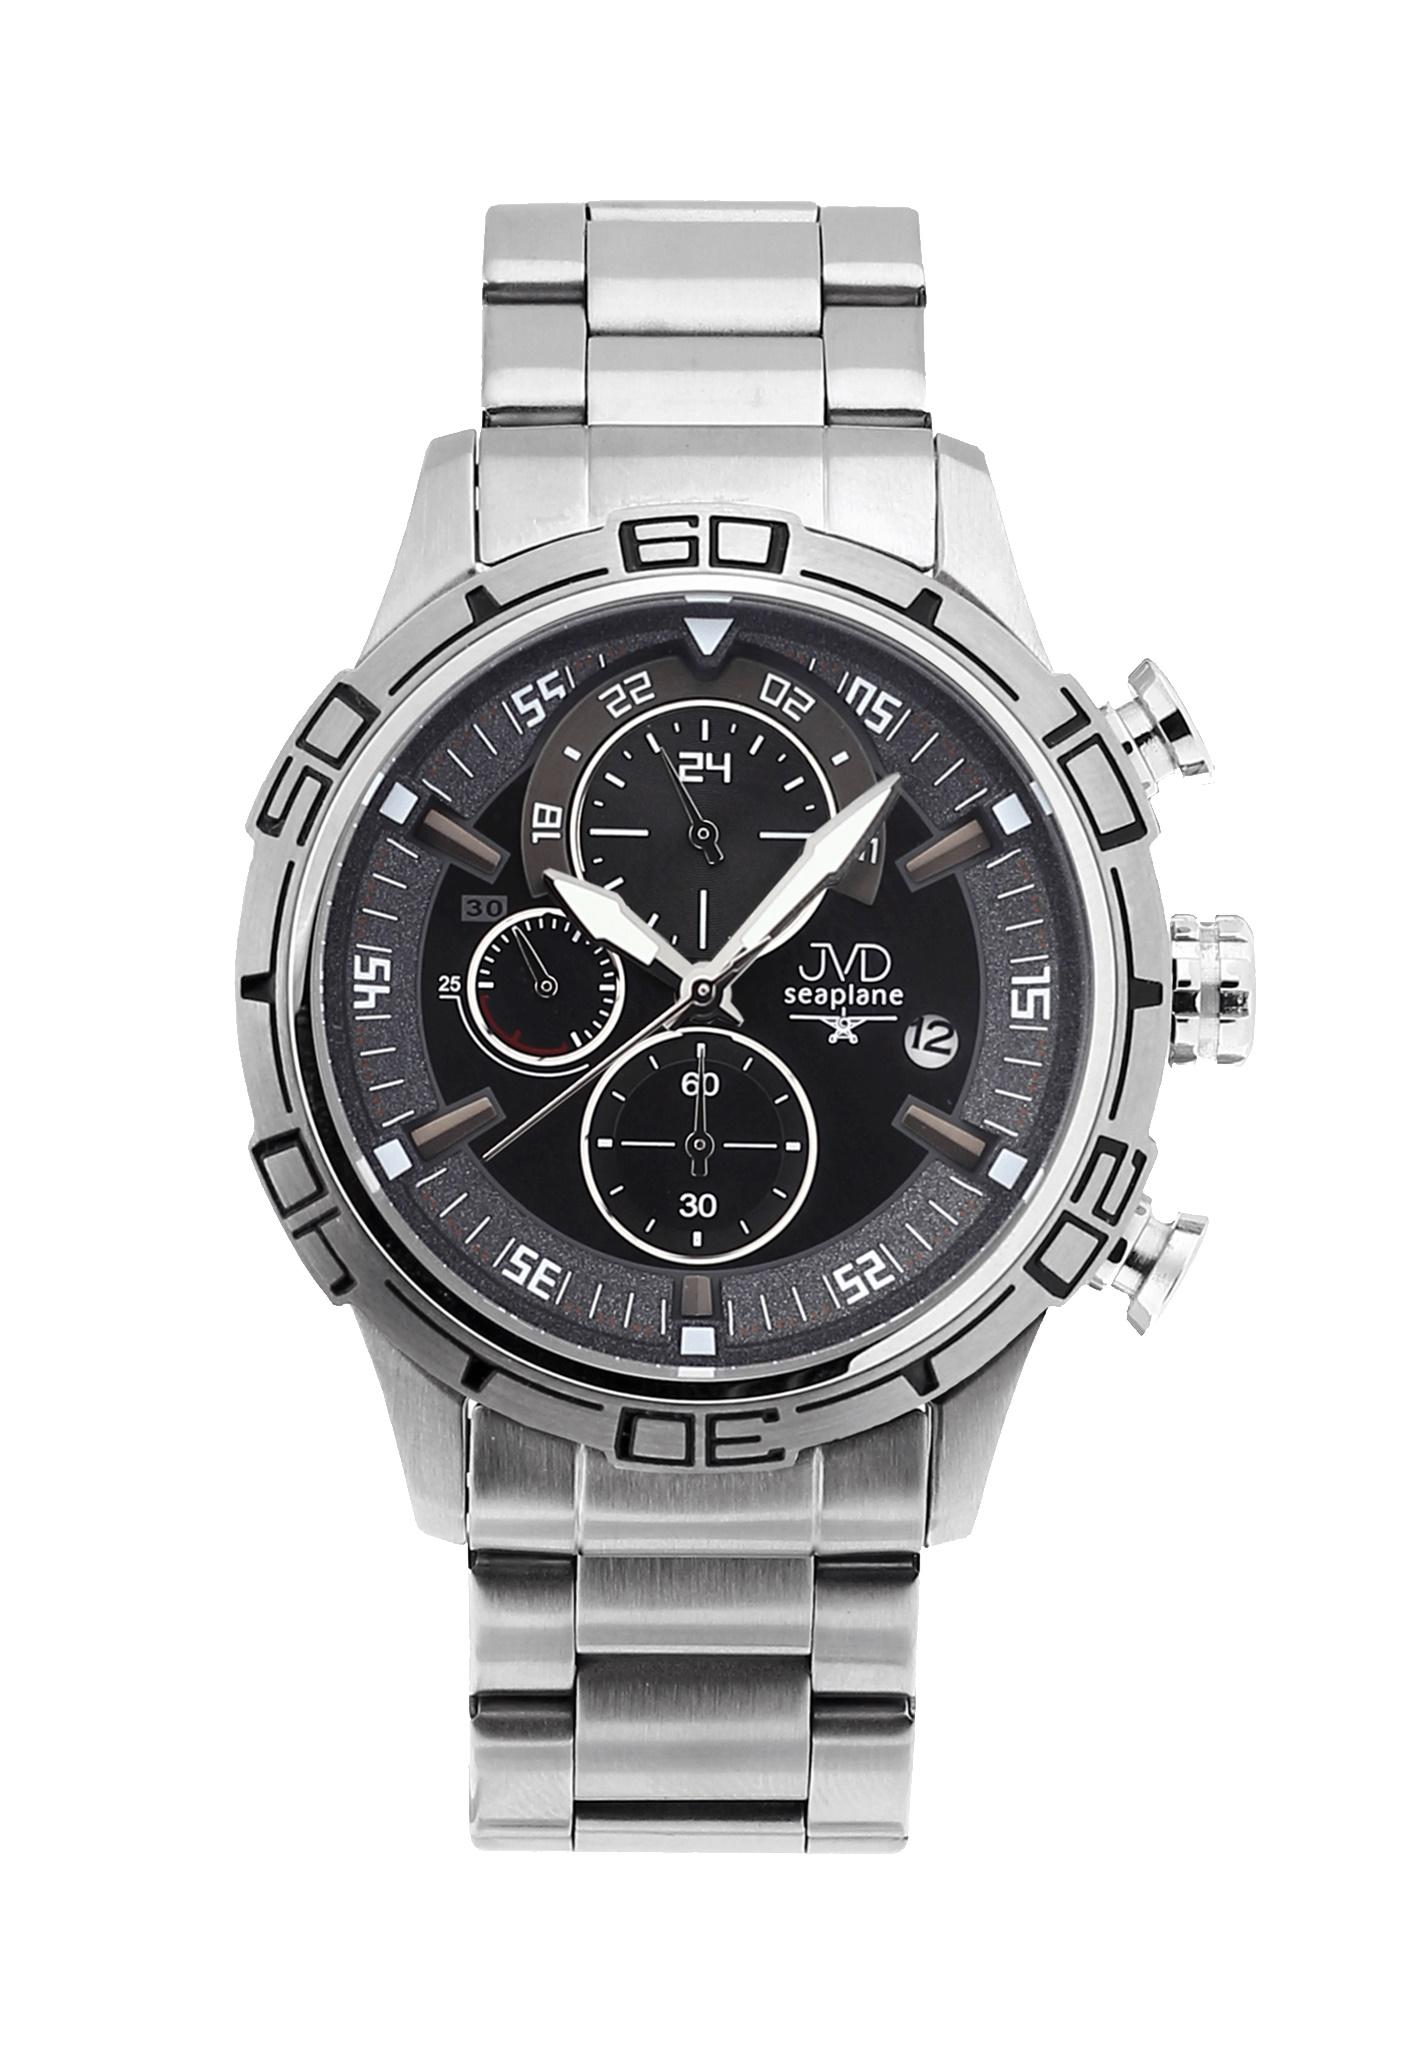 Luxusní chronografy - pánské náramkové hodinky Seaplane MOTION JC684 ... 912c2354568